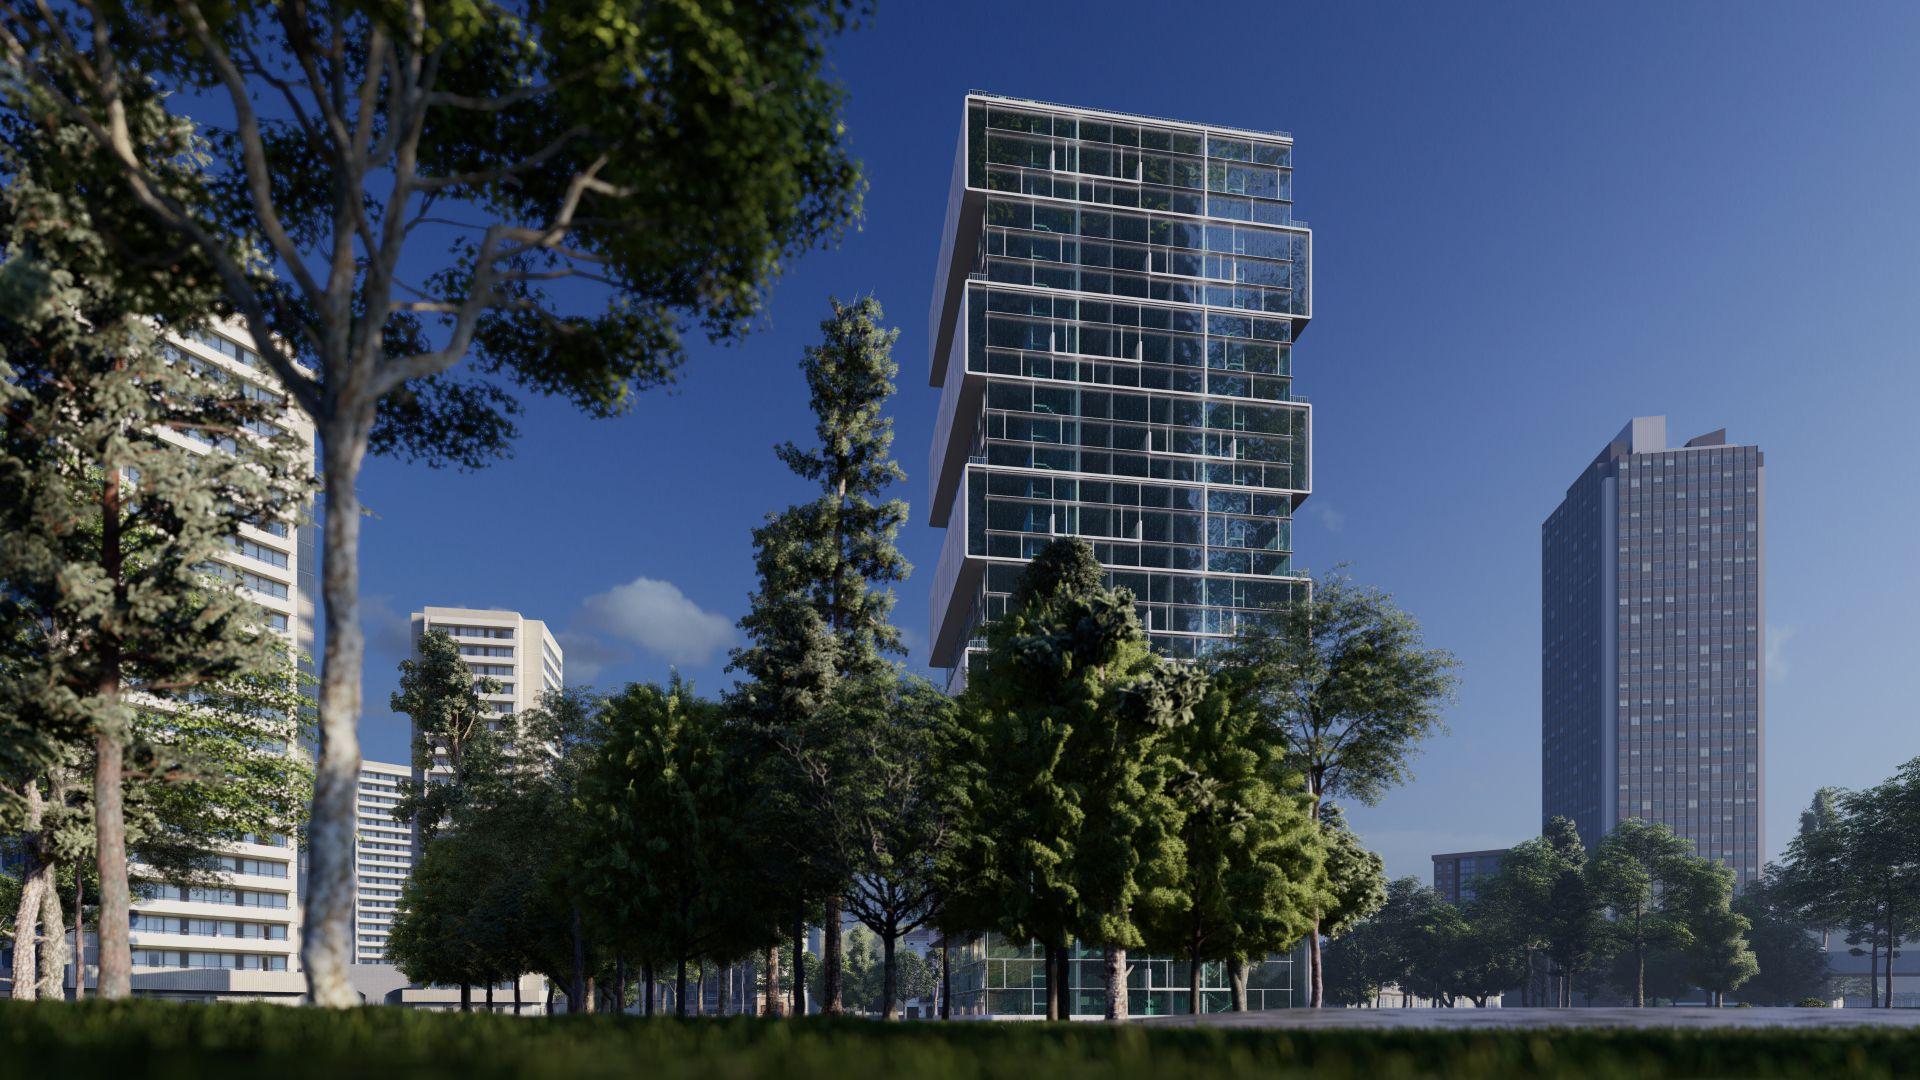 arhitektuurne 3d pilt hoone visualiseerimine 167